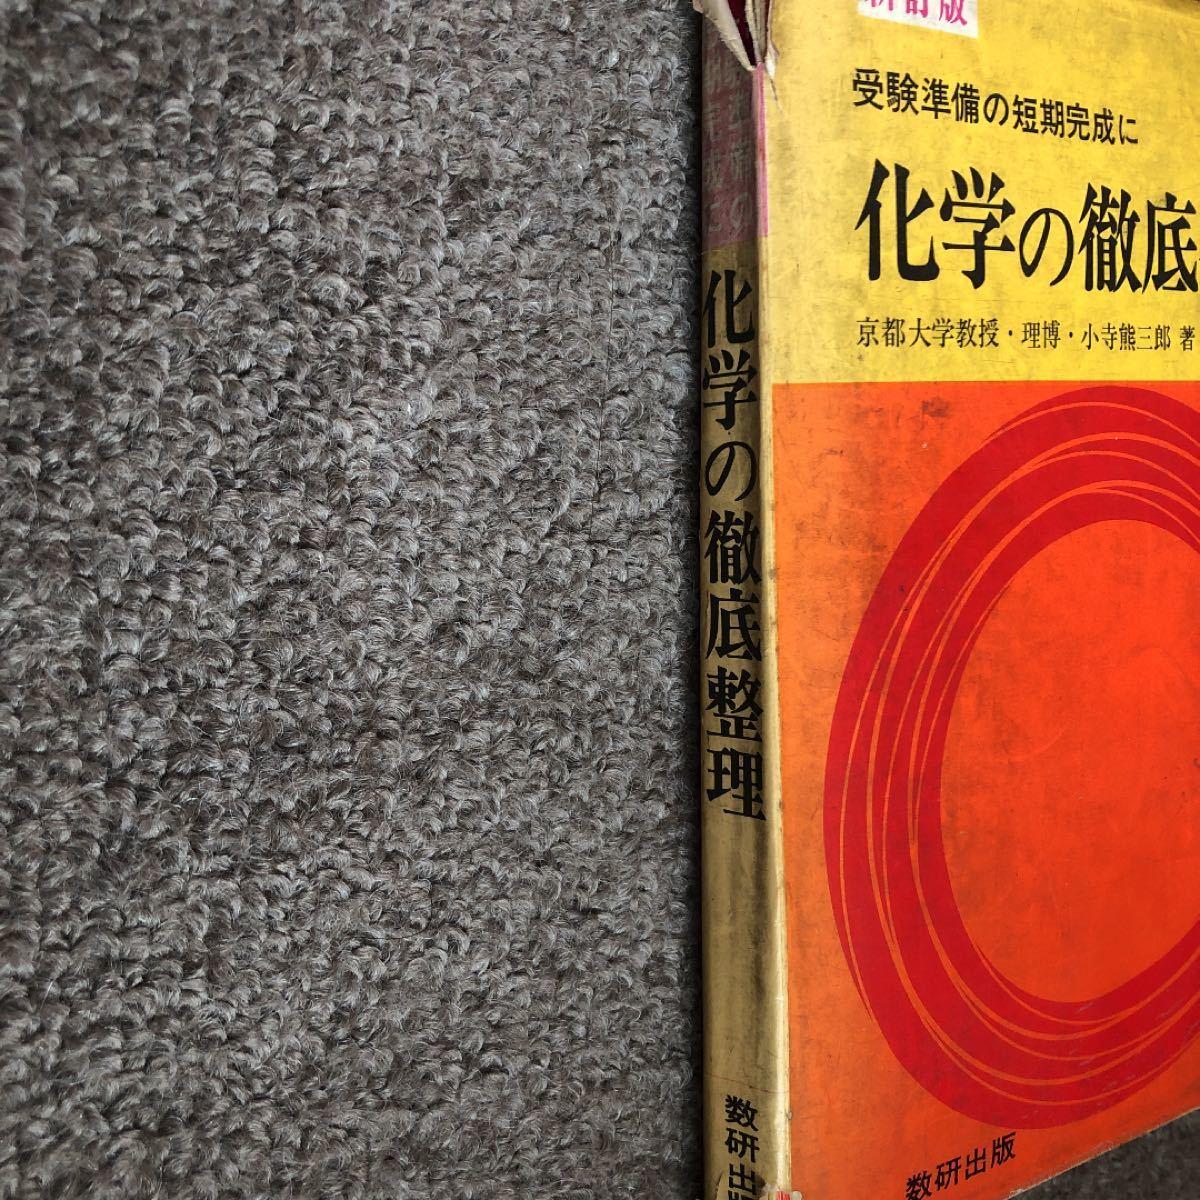 希少 1960年代 数研出版 化学の徹底整理 大学受験参考書 古本